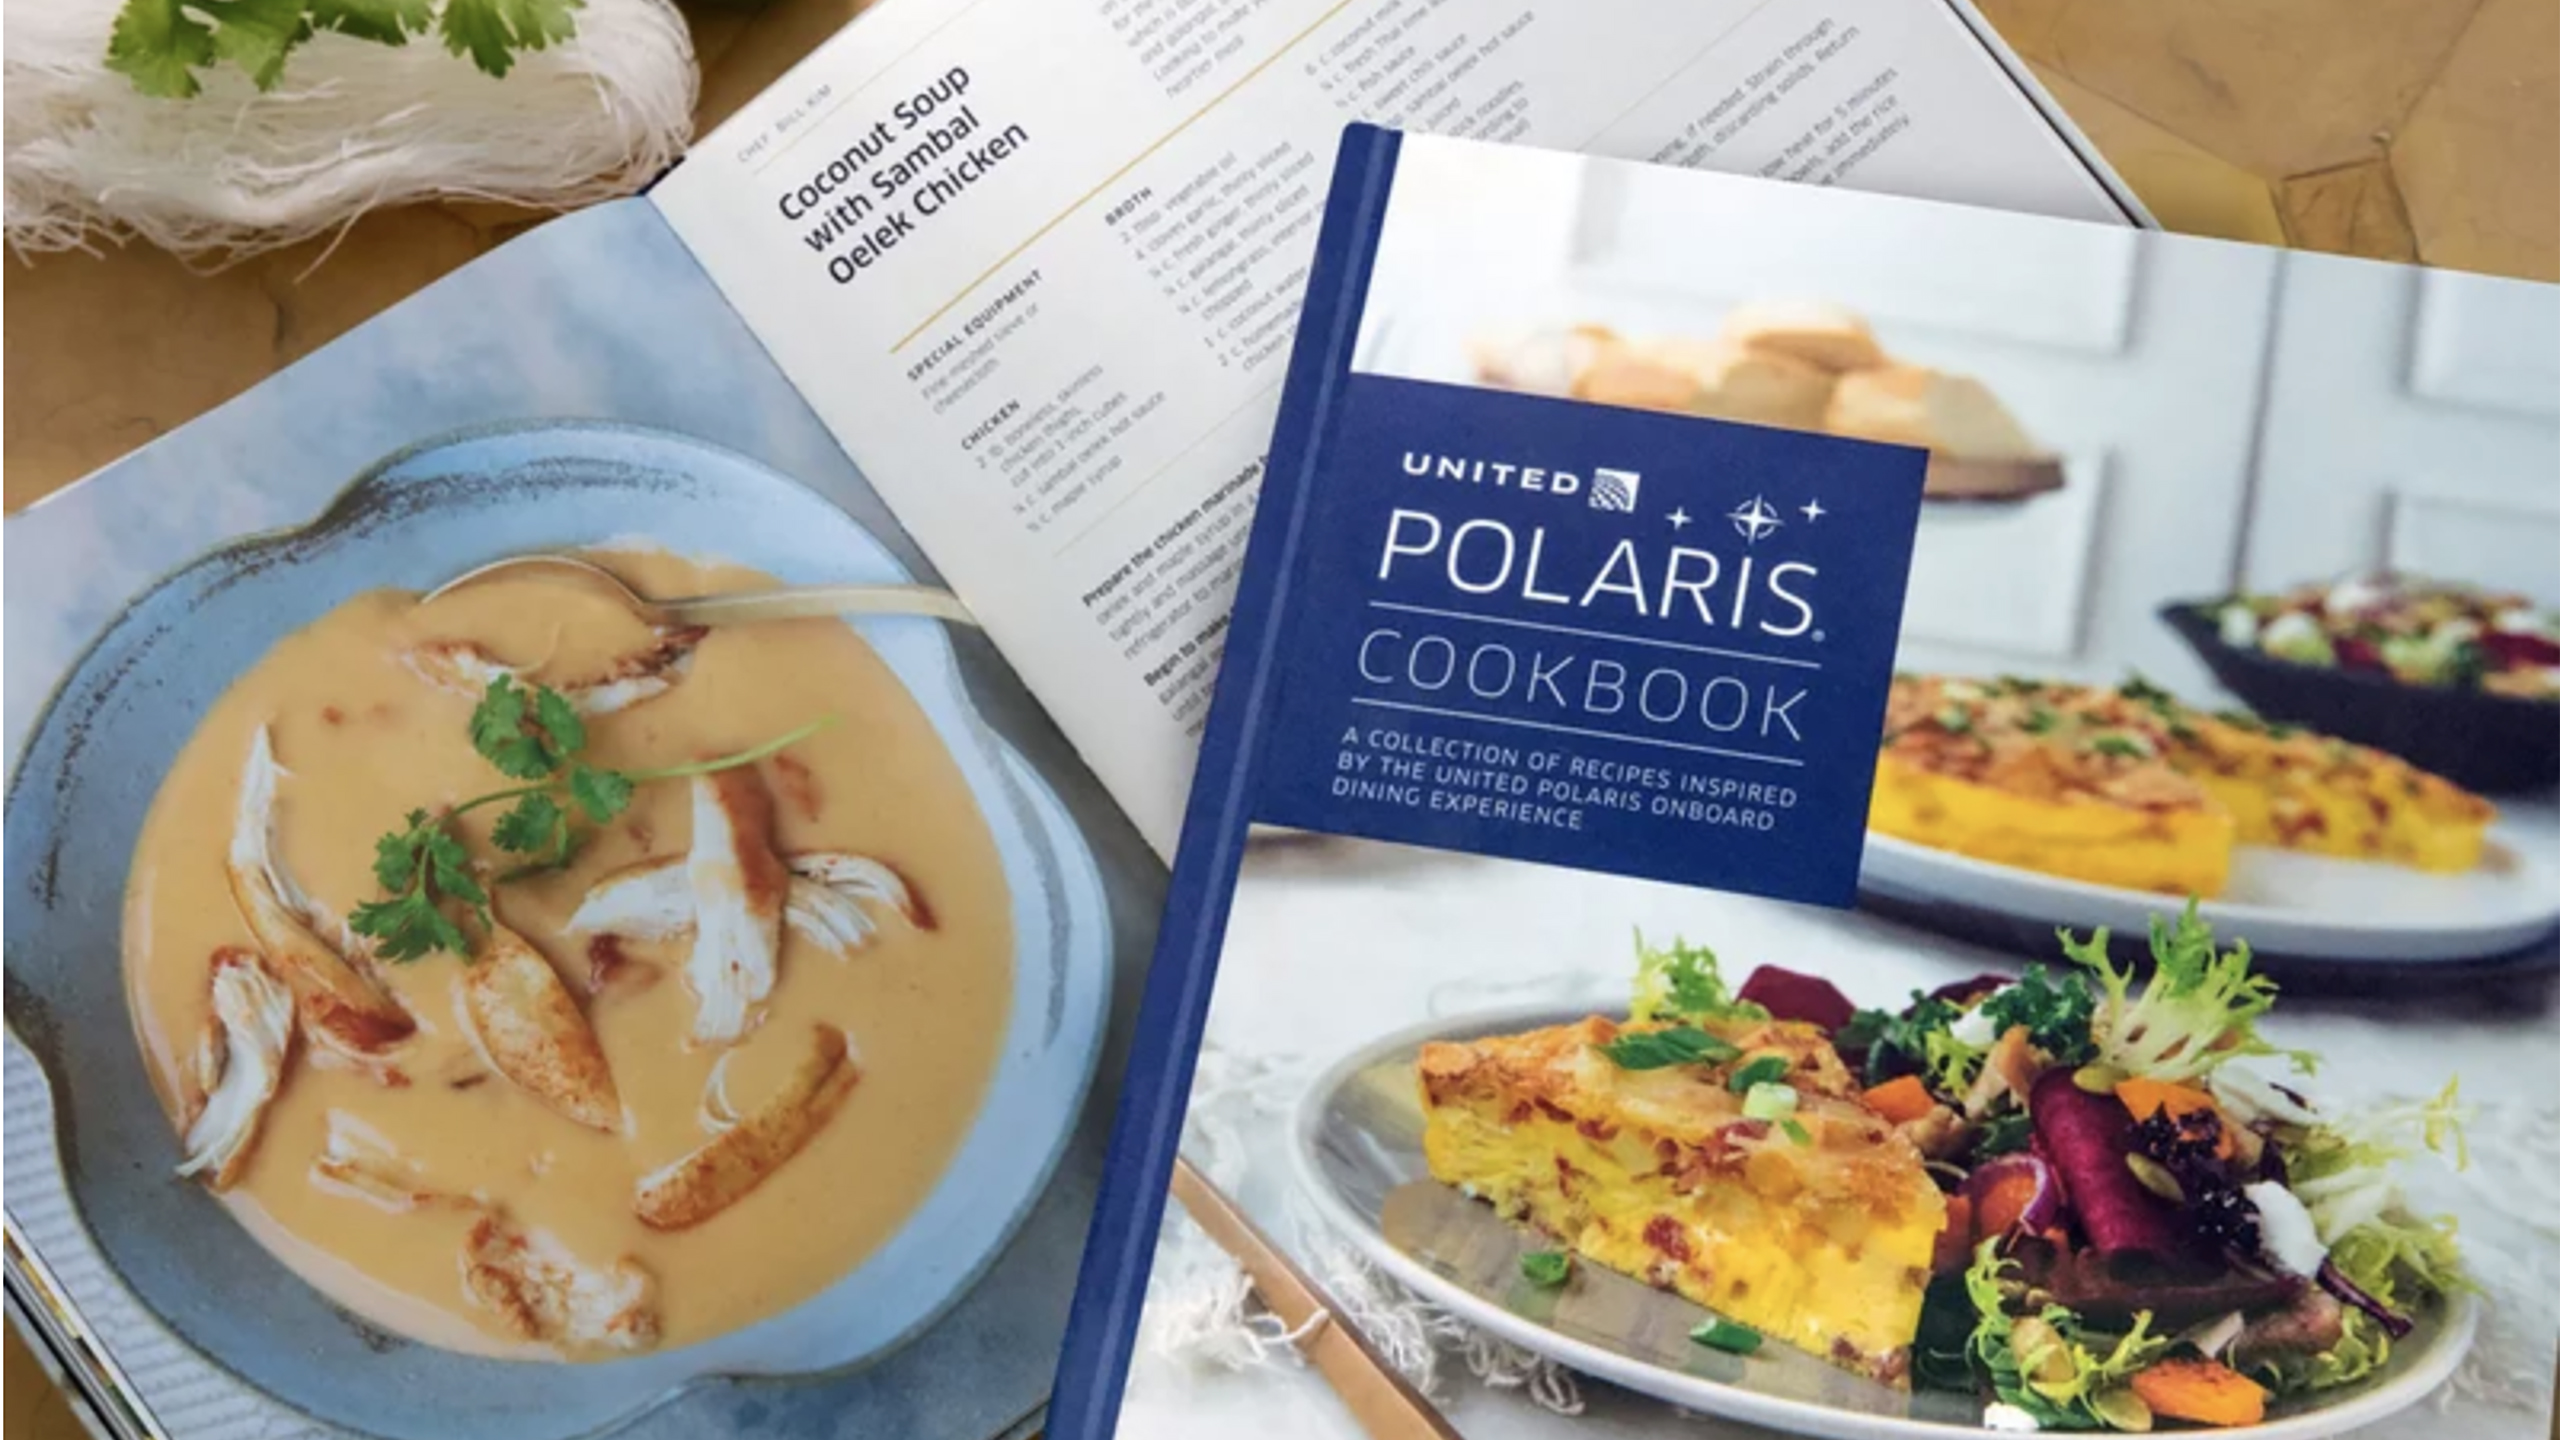 United Airlines lanzó un libro de cocina de comidas a bordo